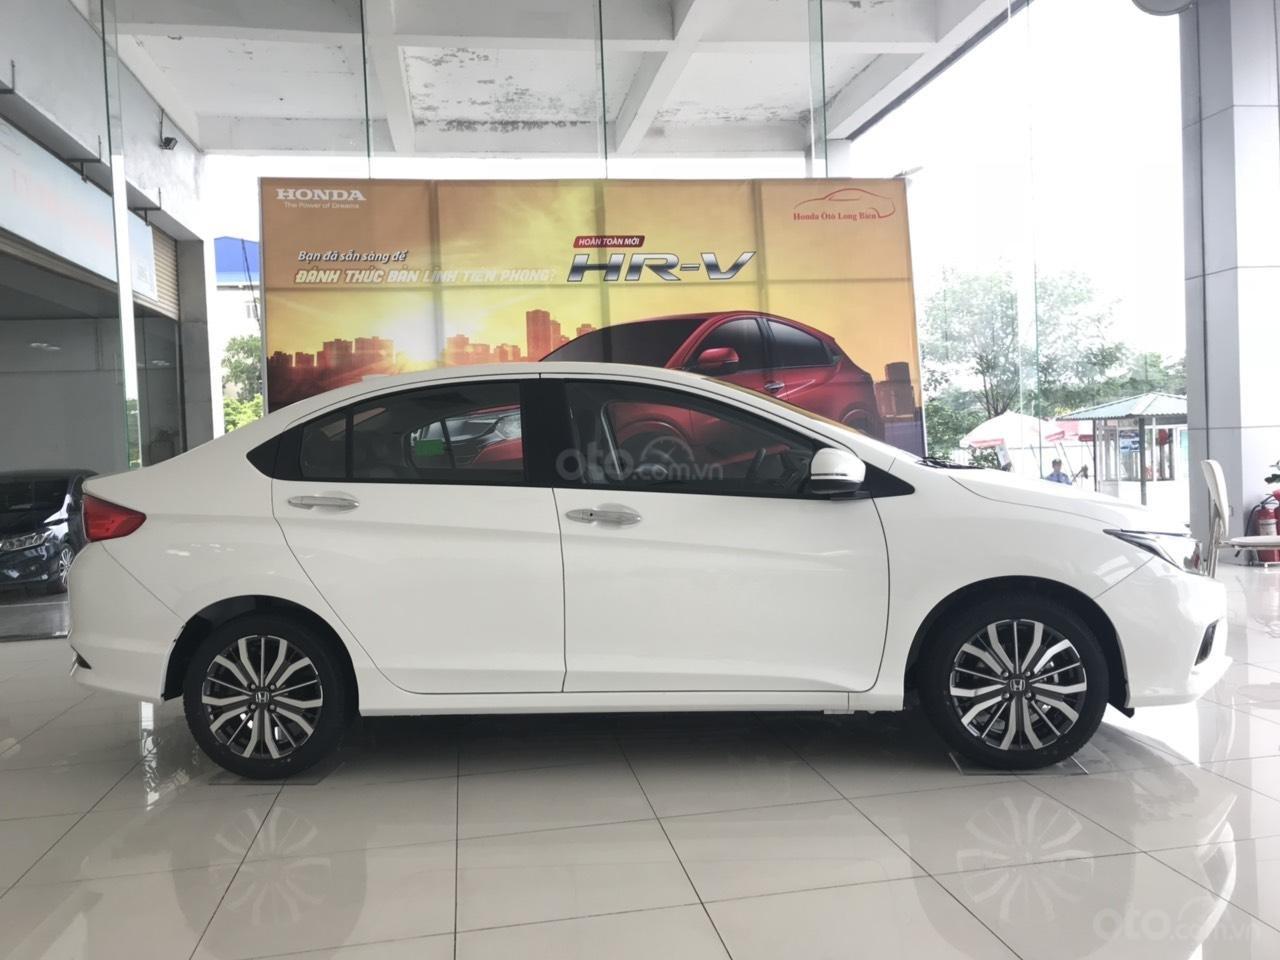 Giảm giá sốc cuối năm chiếc xe Honda City Top 1.5 đời 2019, màu trắng - Có sẵn xe - Giao nhanh toàn quốc (1)